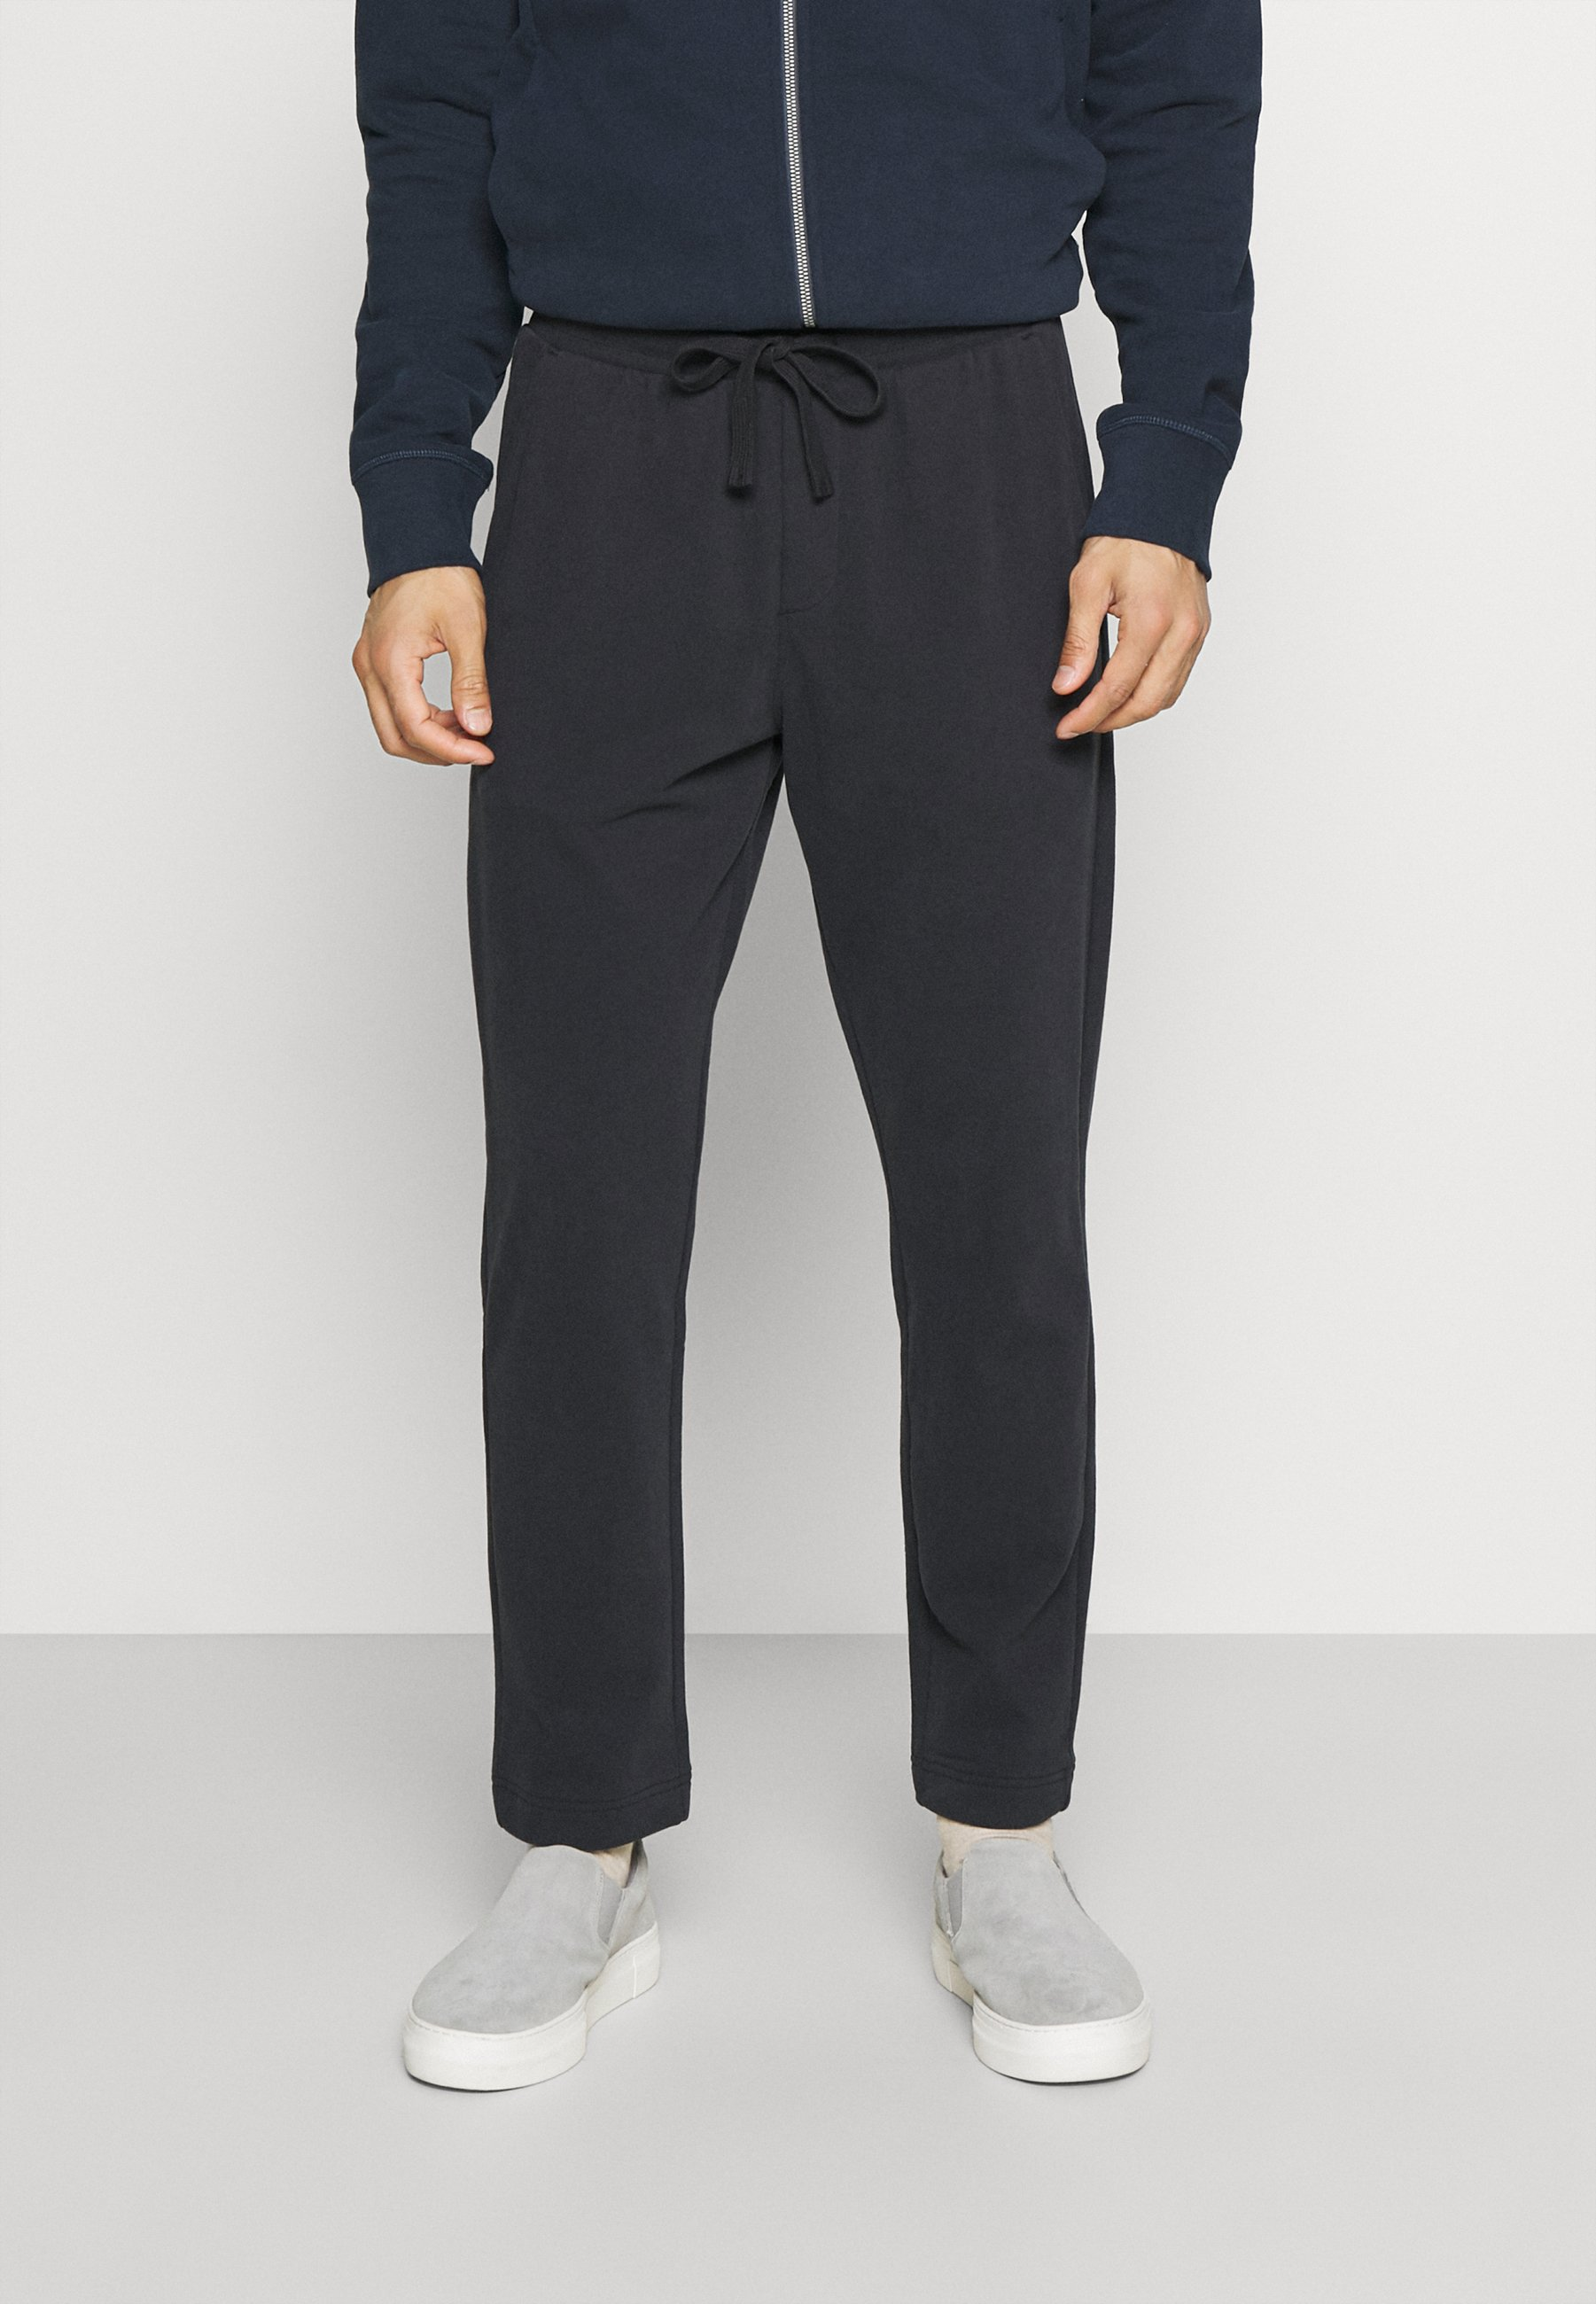 Homme FRONT AND BACK POCKETS - Pantalon de survêtement